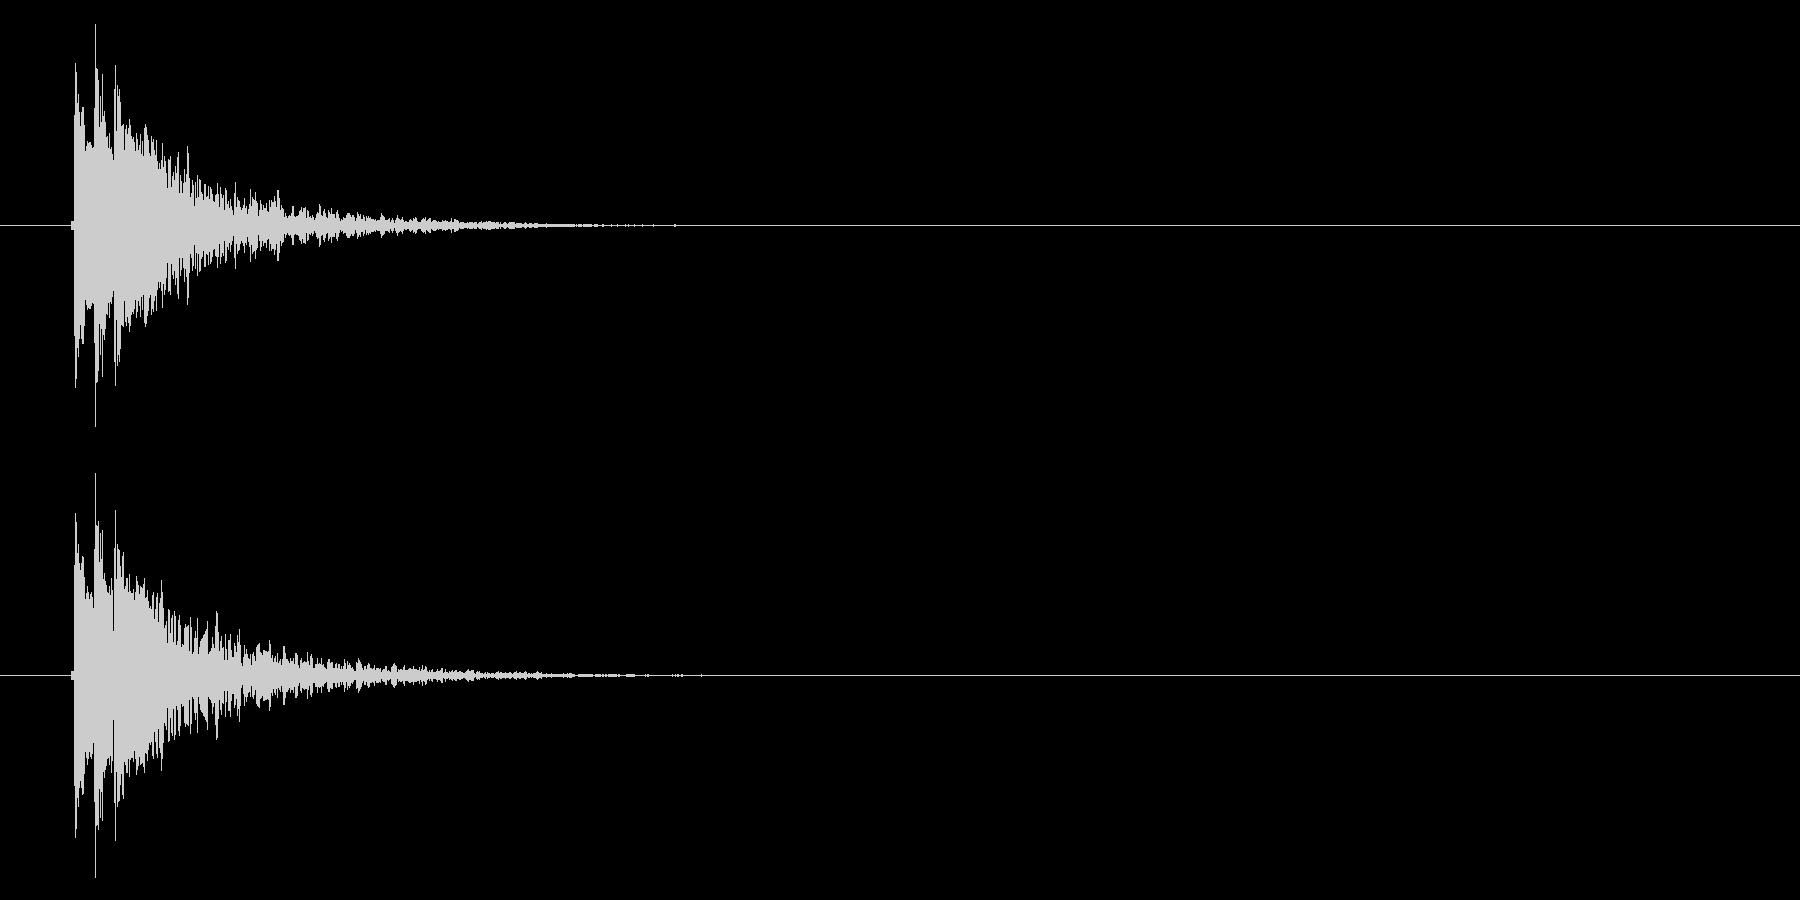 トゥクトゥン(終了音、ドラム)の未再生の波形